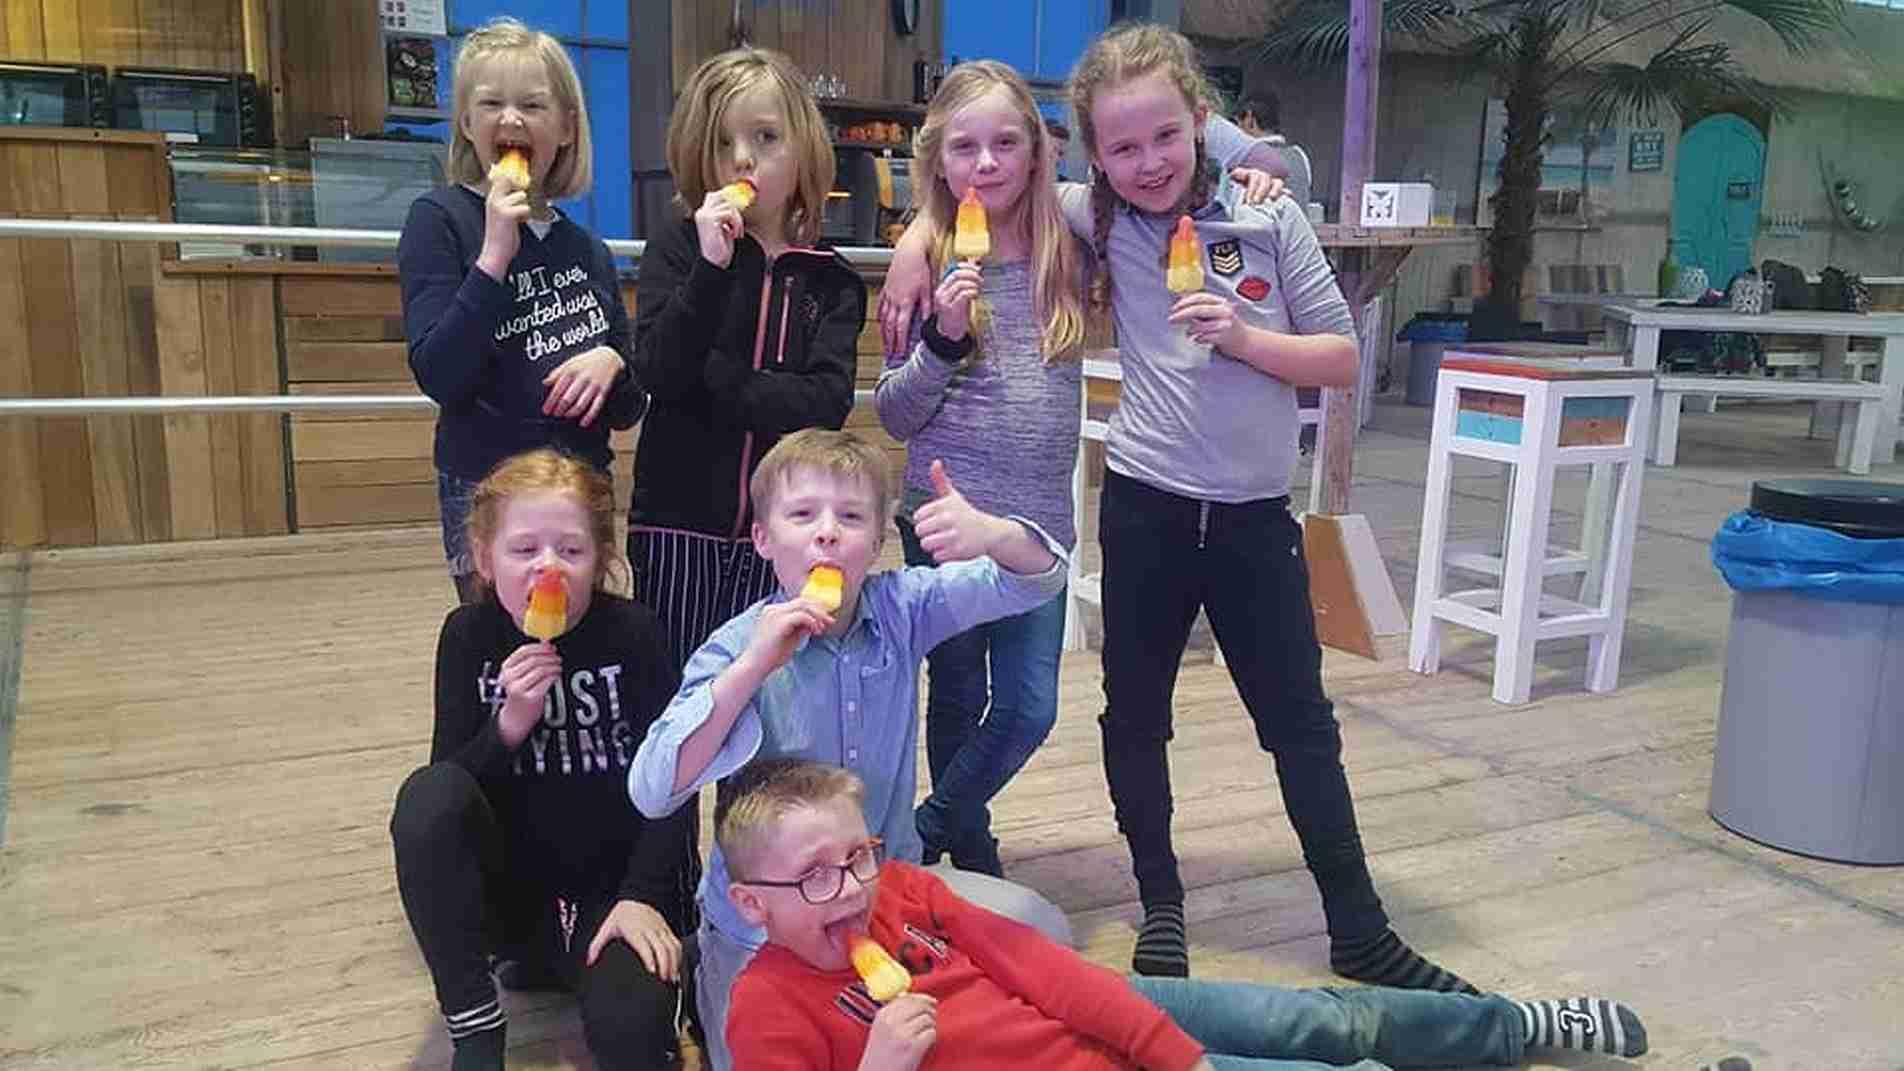 Gezellig, actief en gaaf kinderfeestje in Hardenberg - Kinderfeestje in Hardenberg